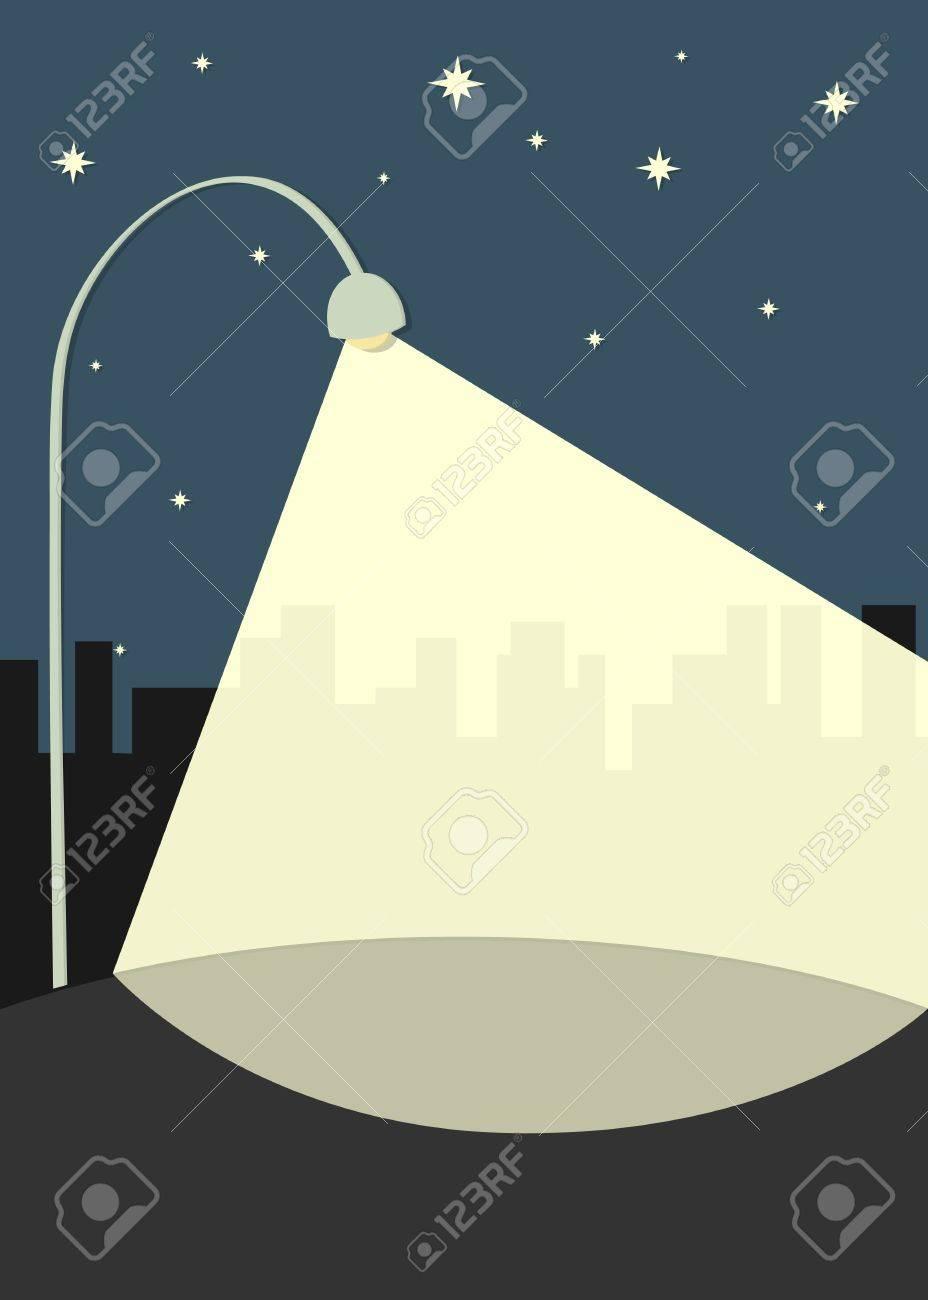 street lamp illuminates the sidewalk - 12947534